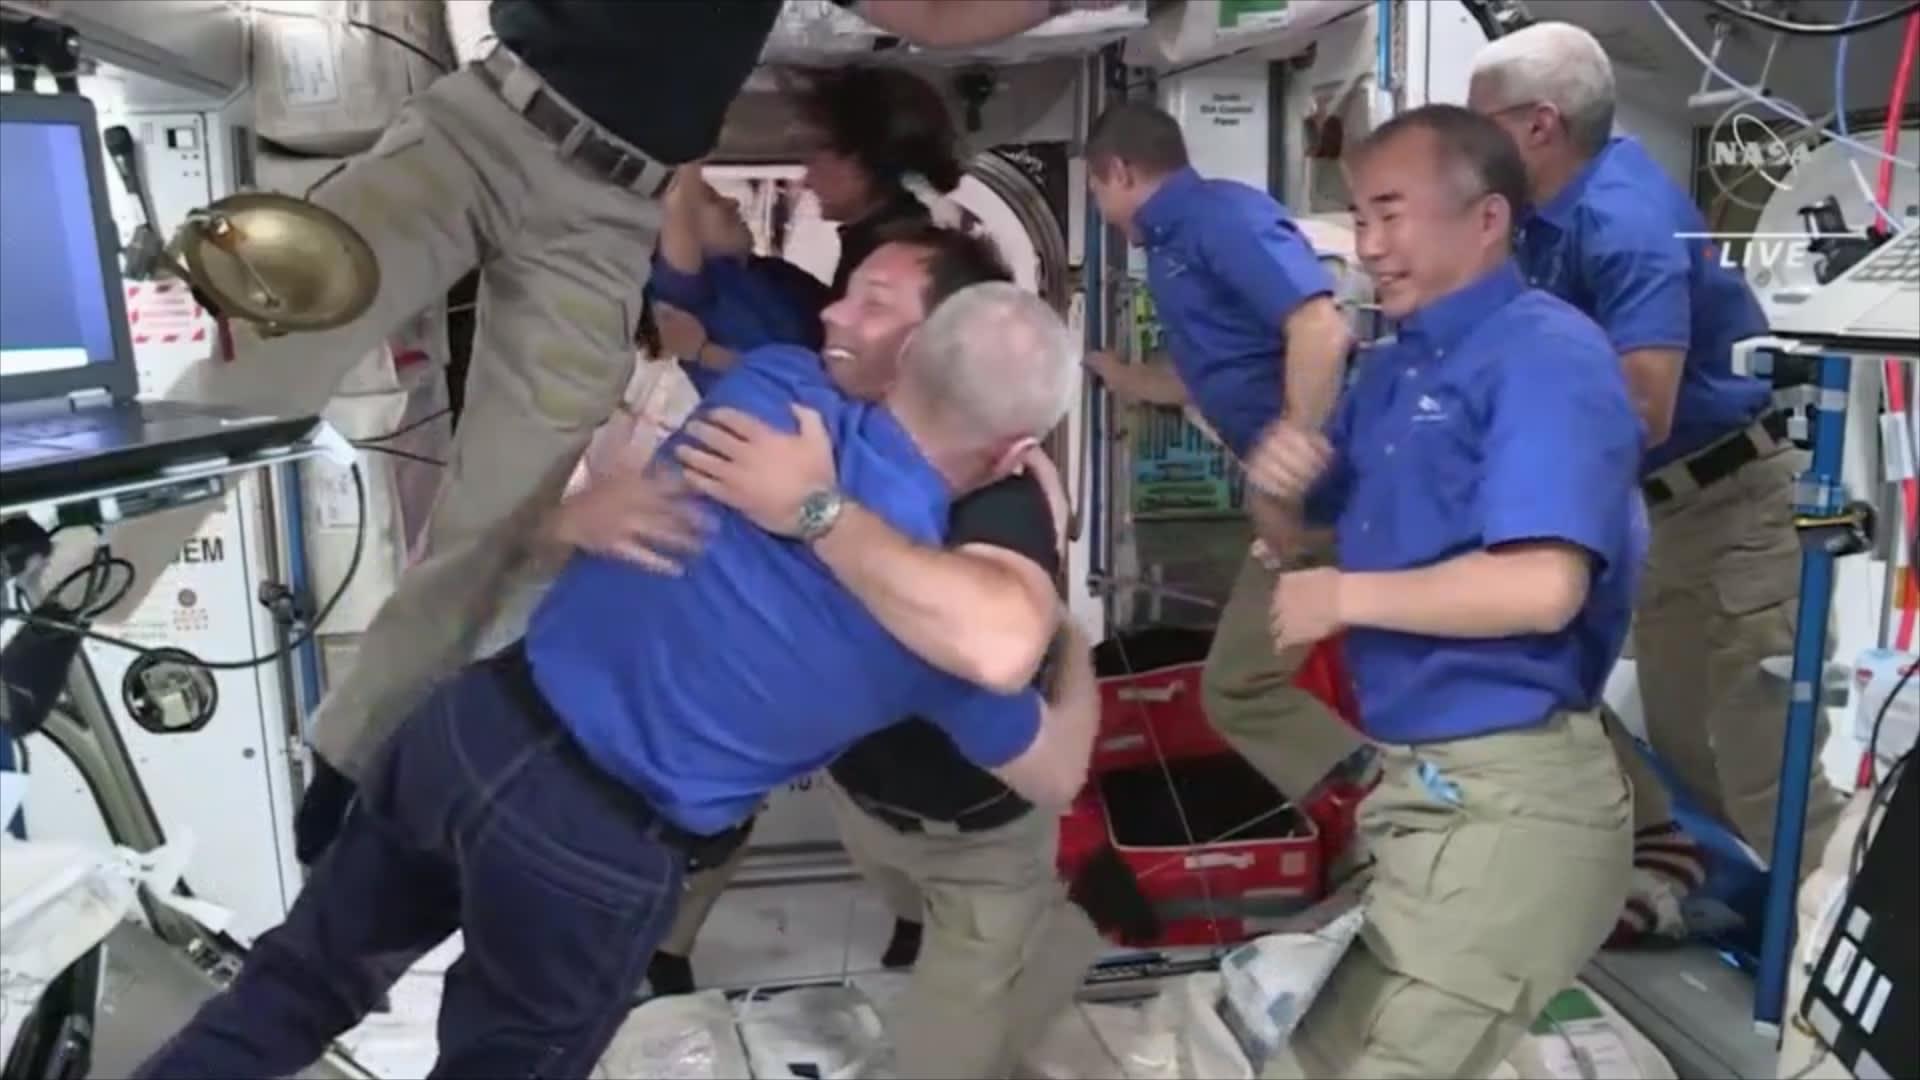 حفلة ترحيب استثنائية.. شاهد لحظة وصول رواد فضاء إلى محطة الفضاء الدولية